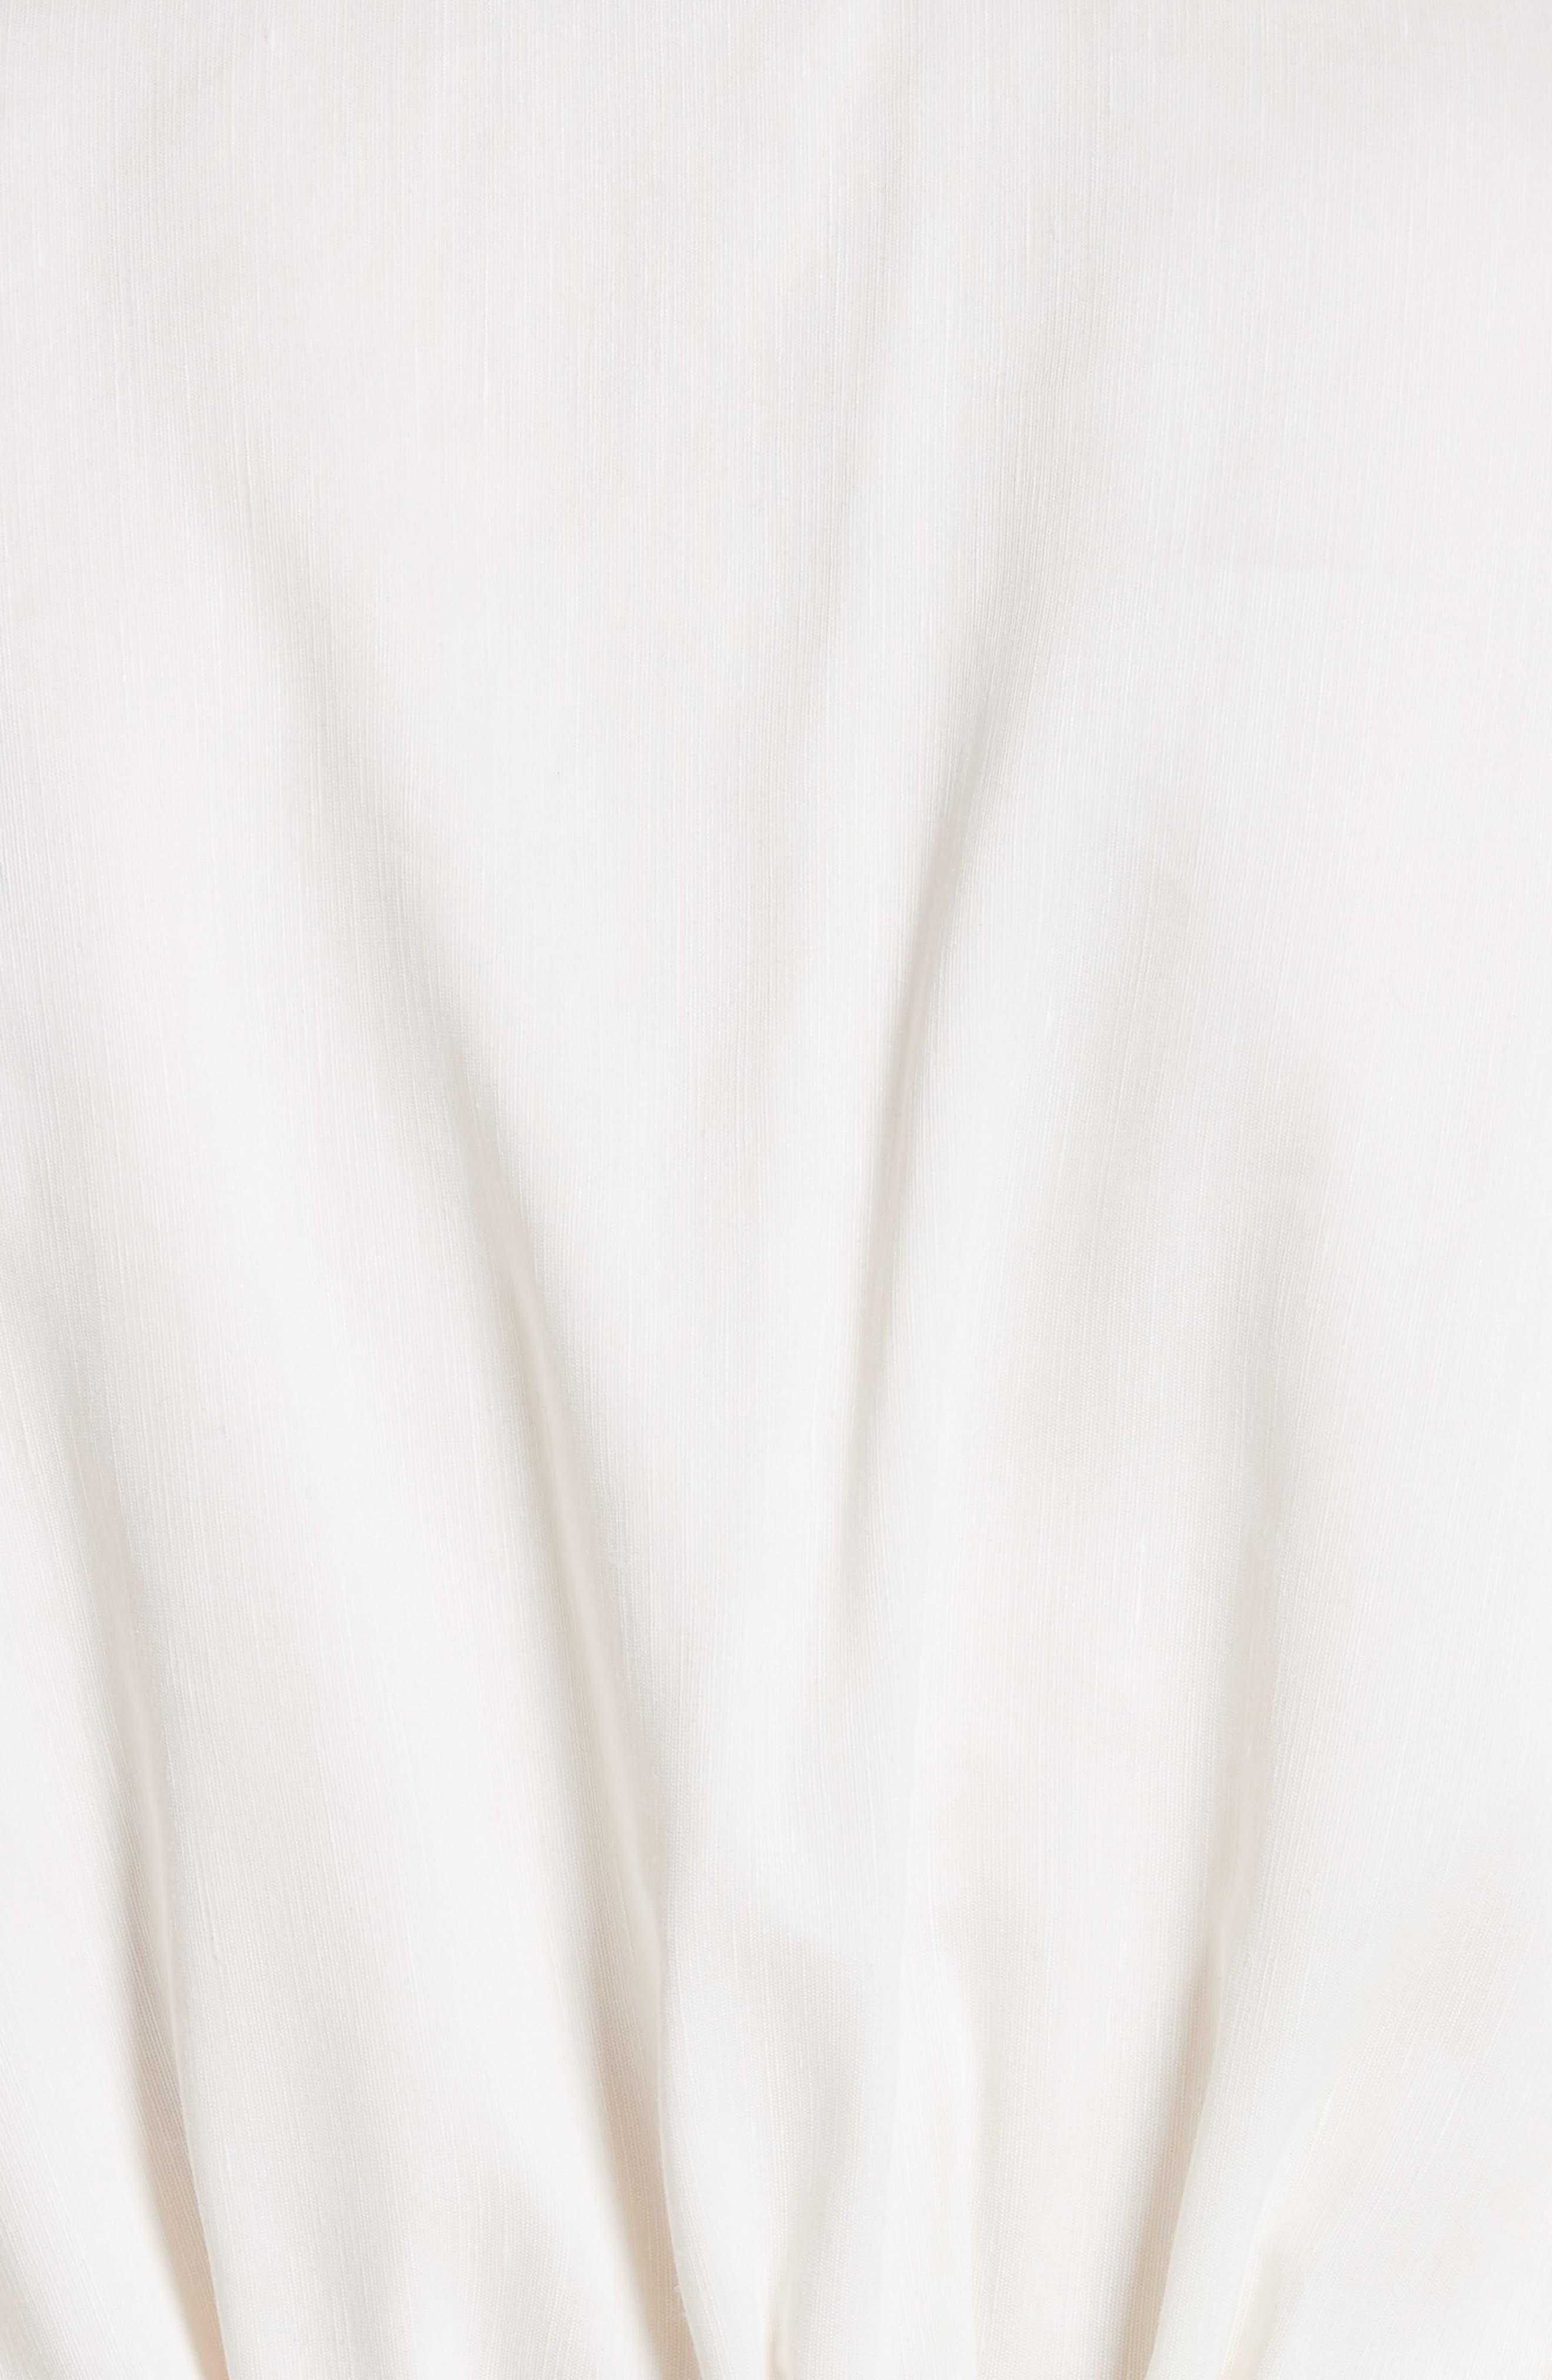 Gathered Linen Blend Dress,                             Alternate thumbnail 6, color,                             White